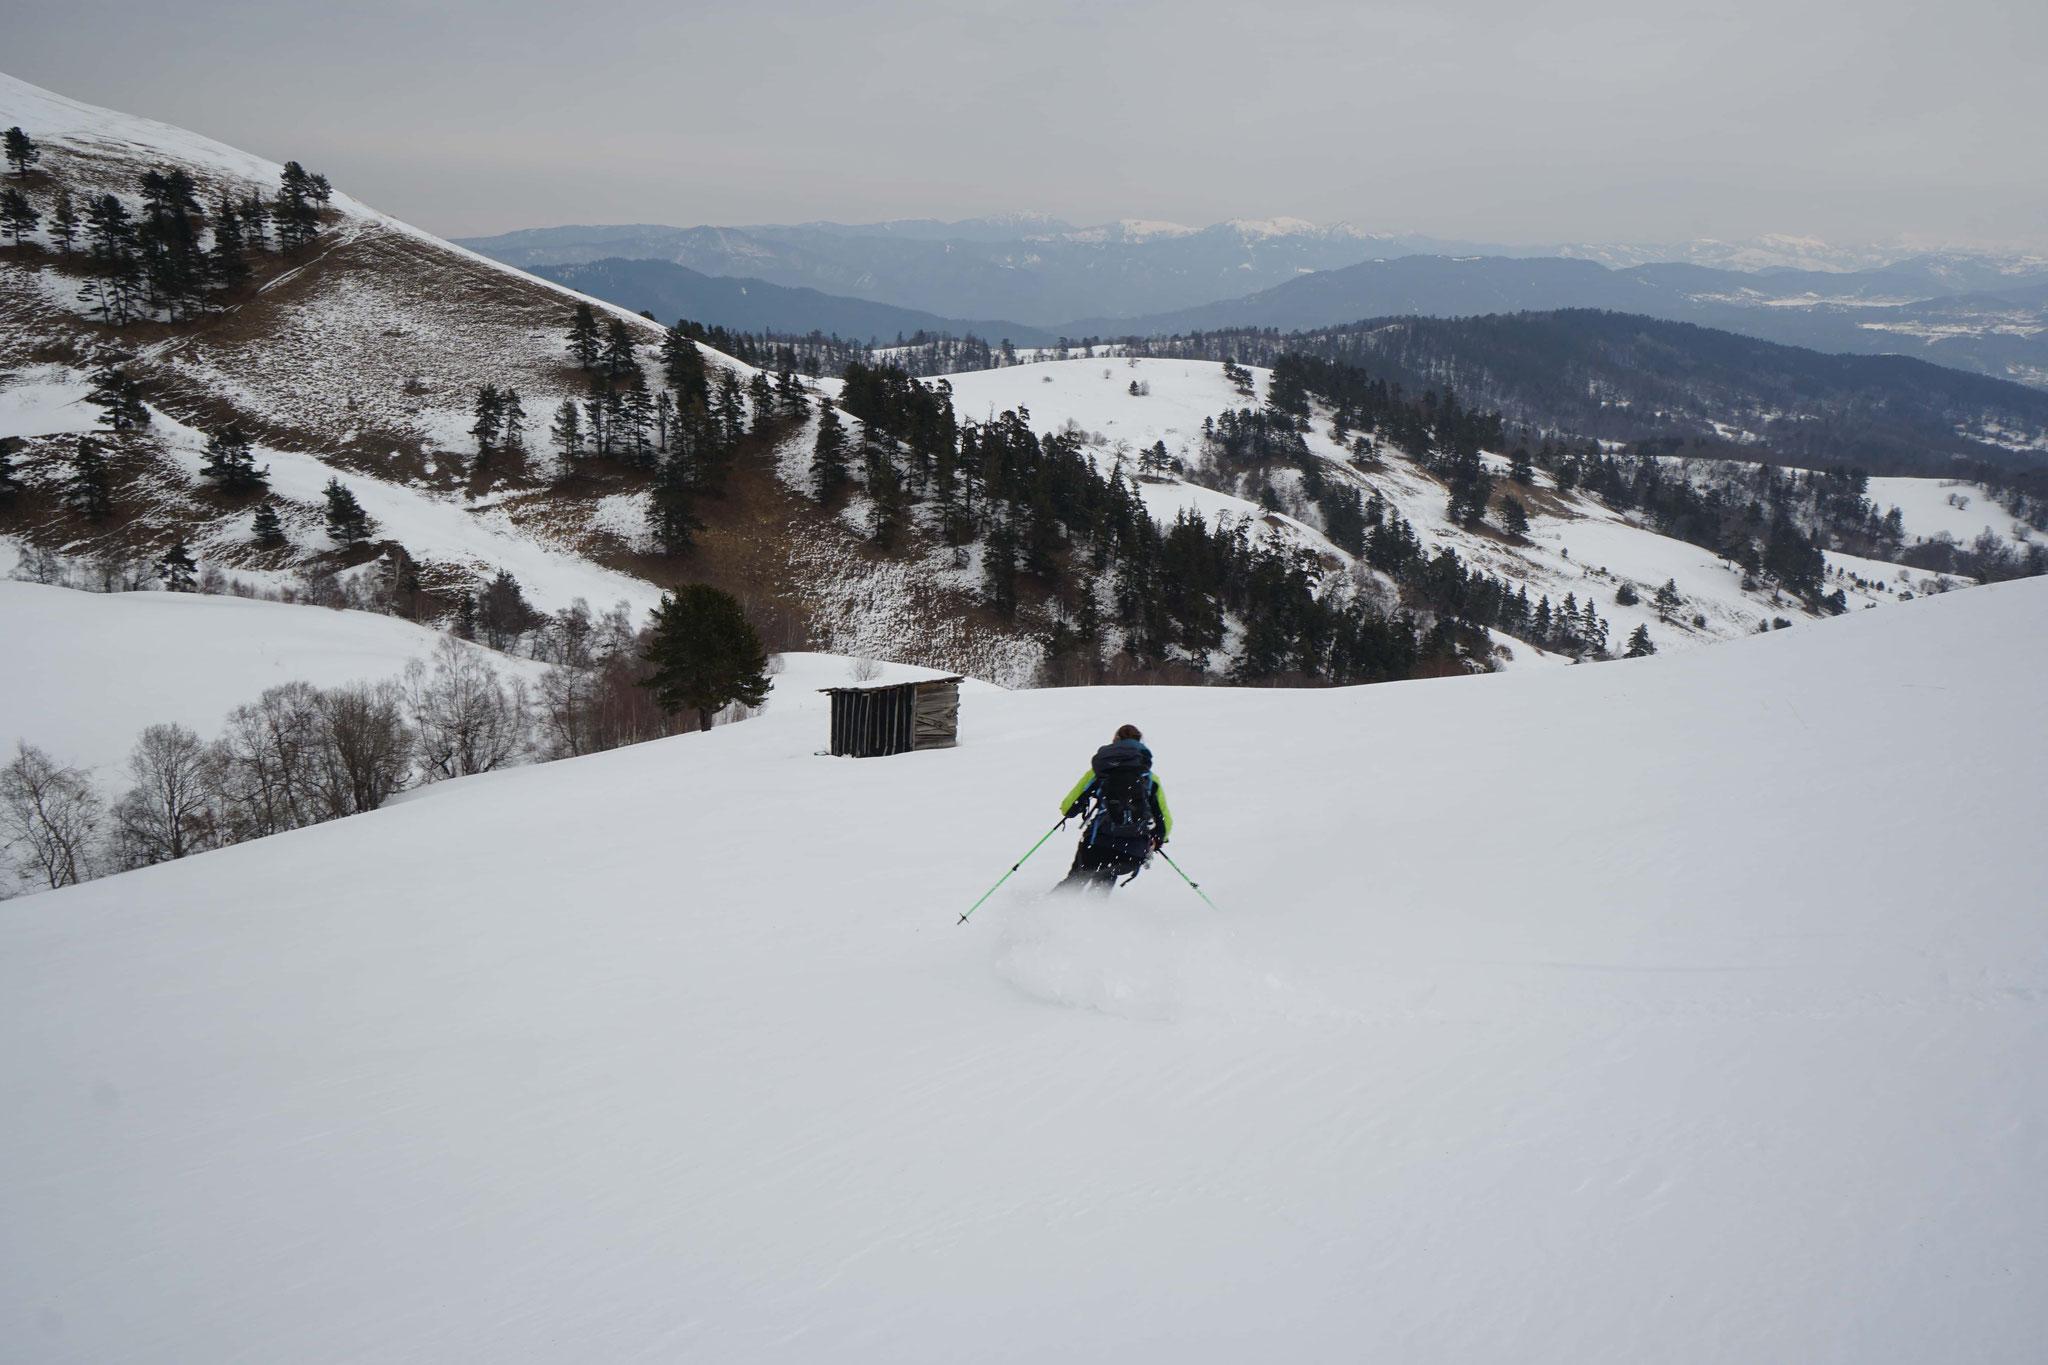 Première descente à ski